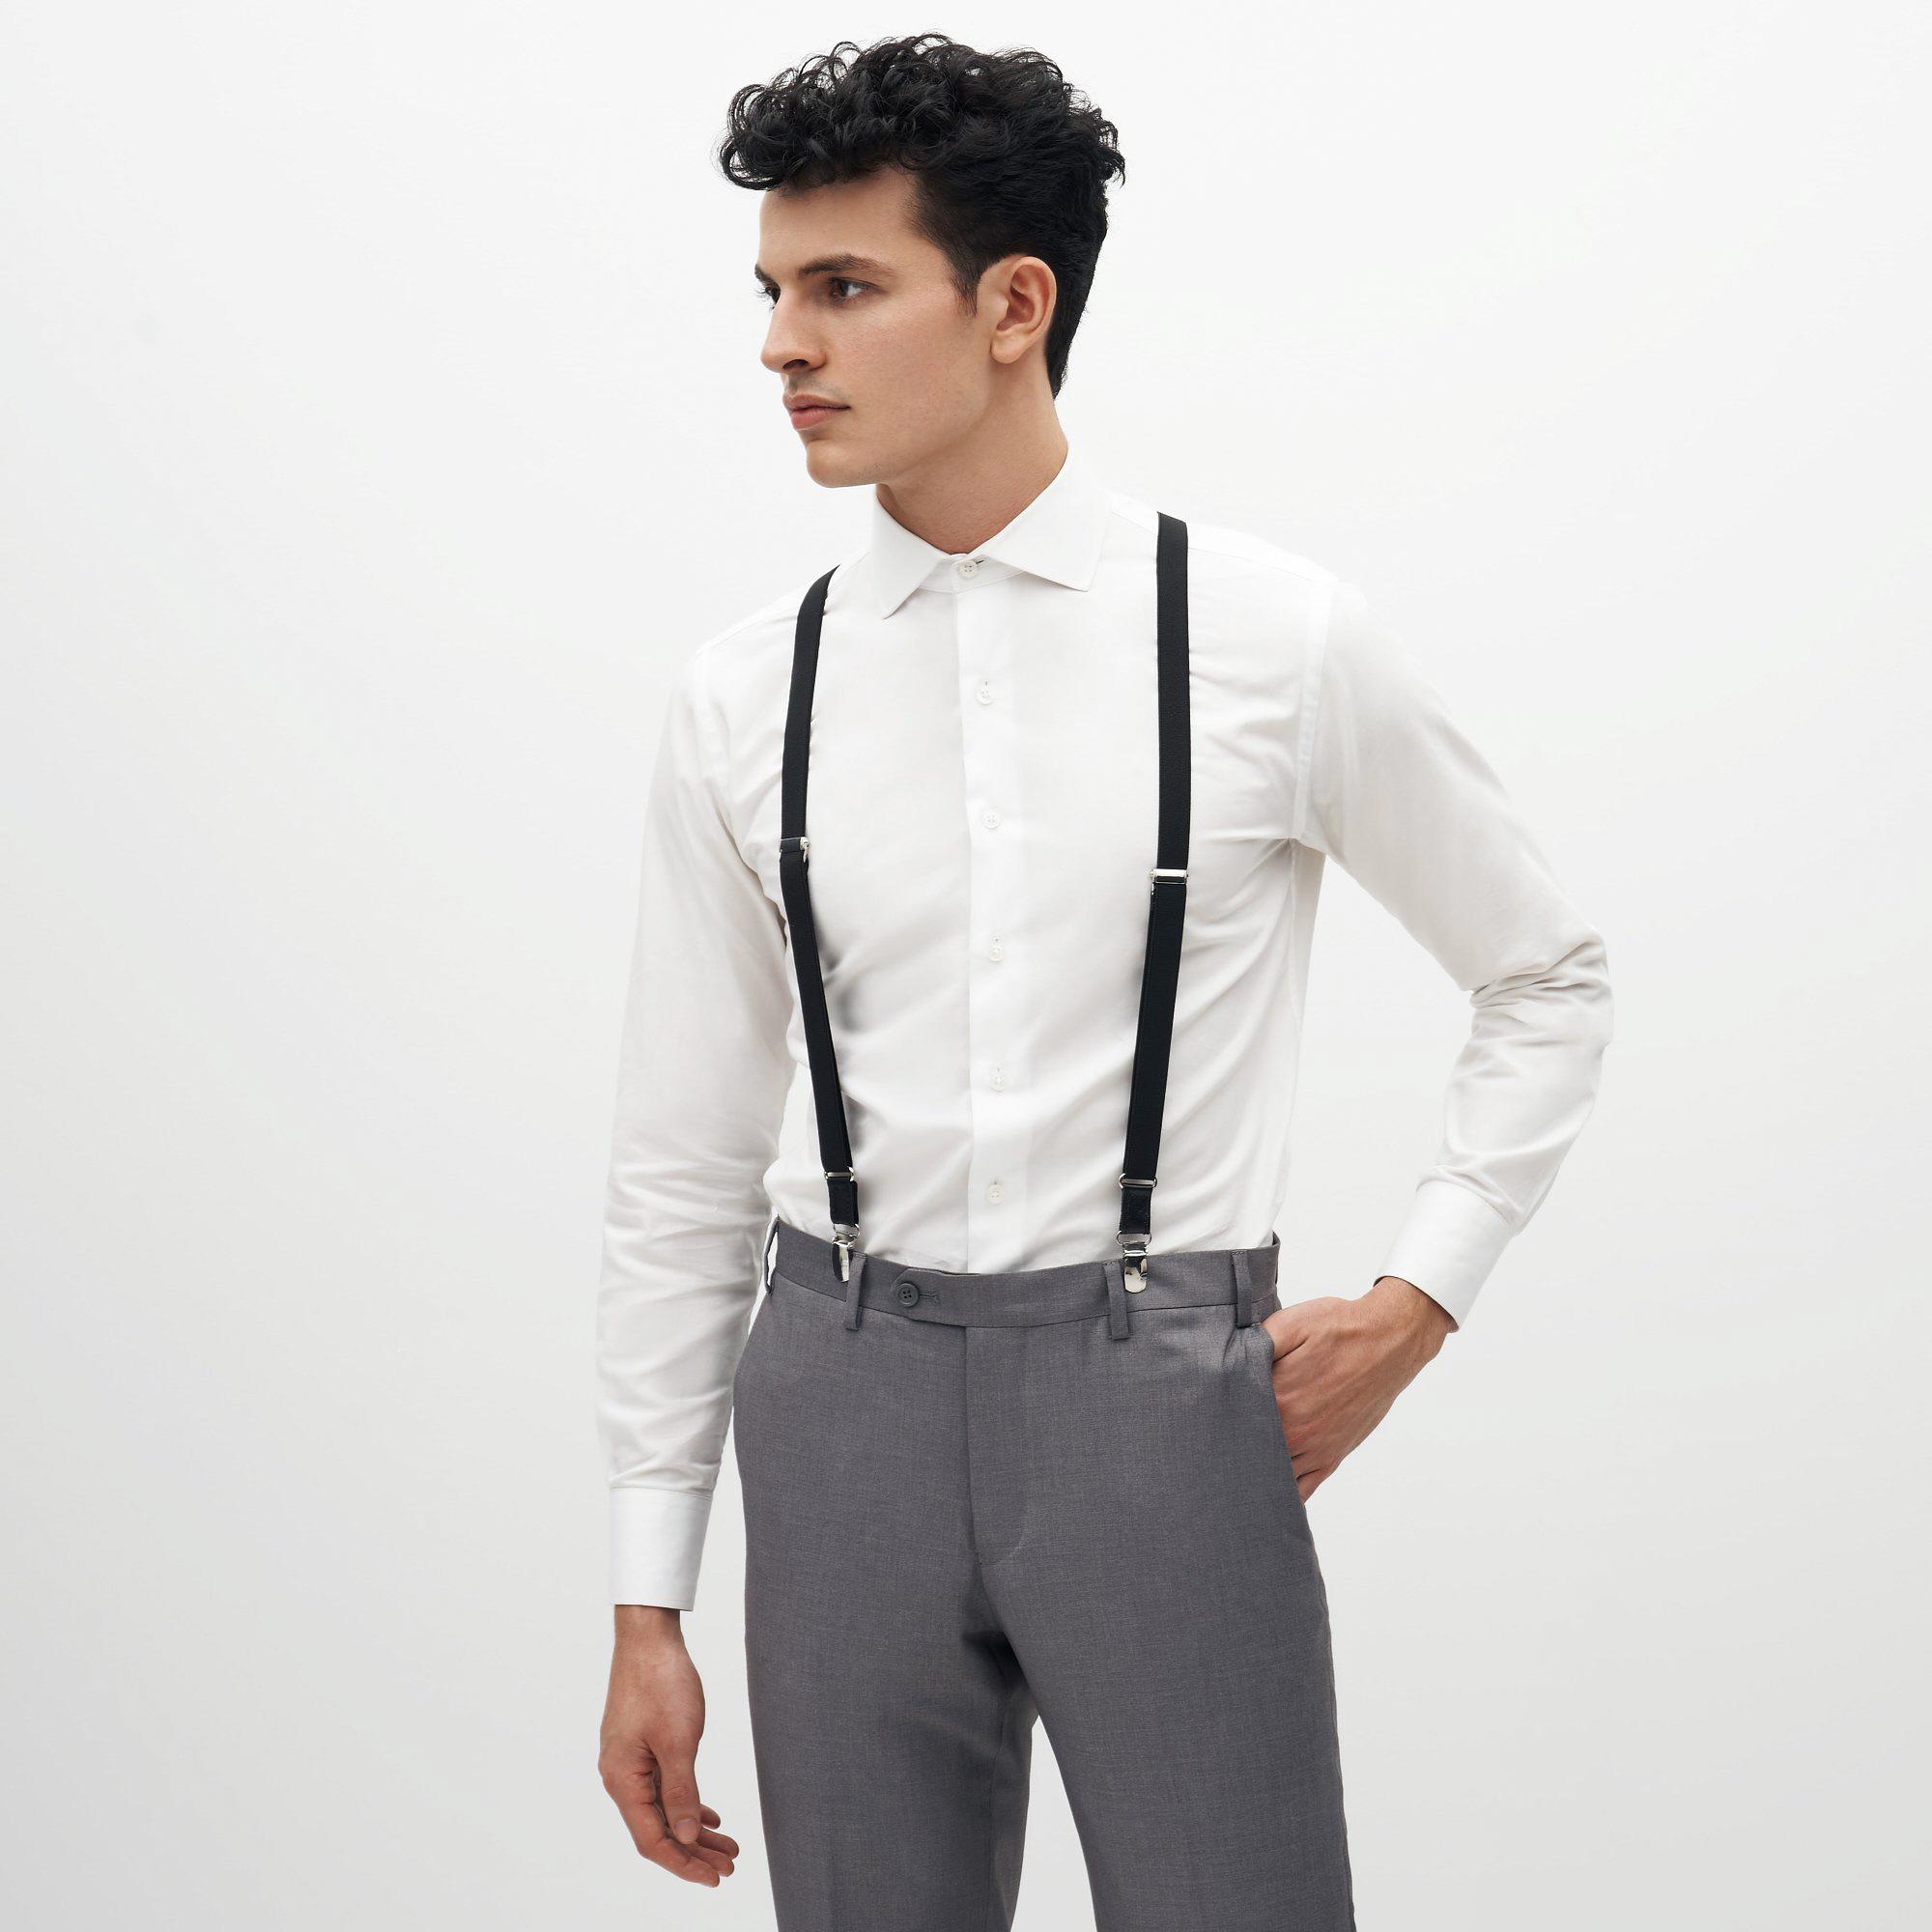 black suspenders match all suit colors